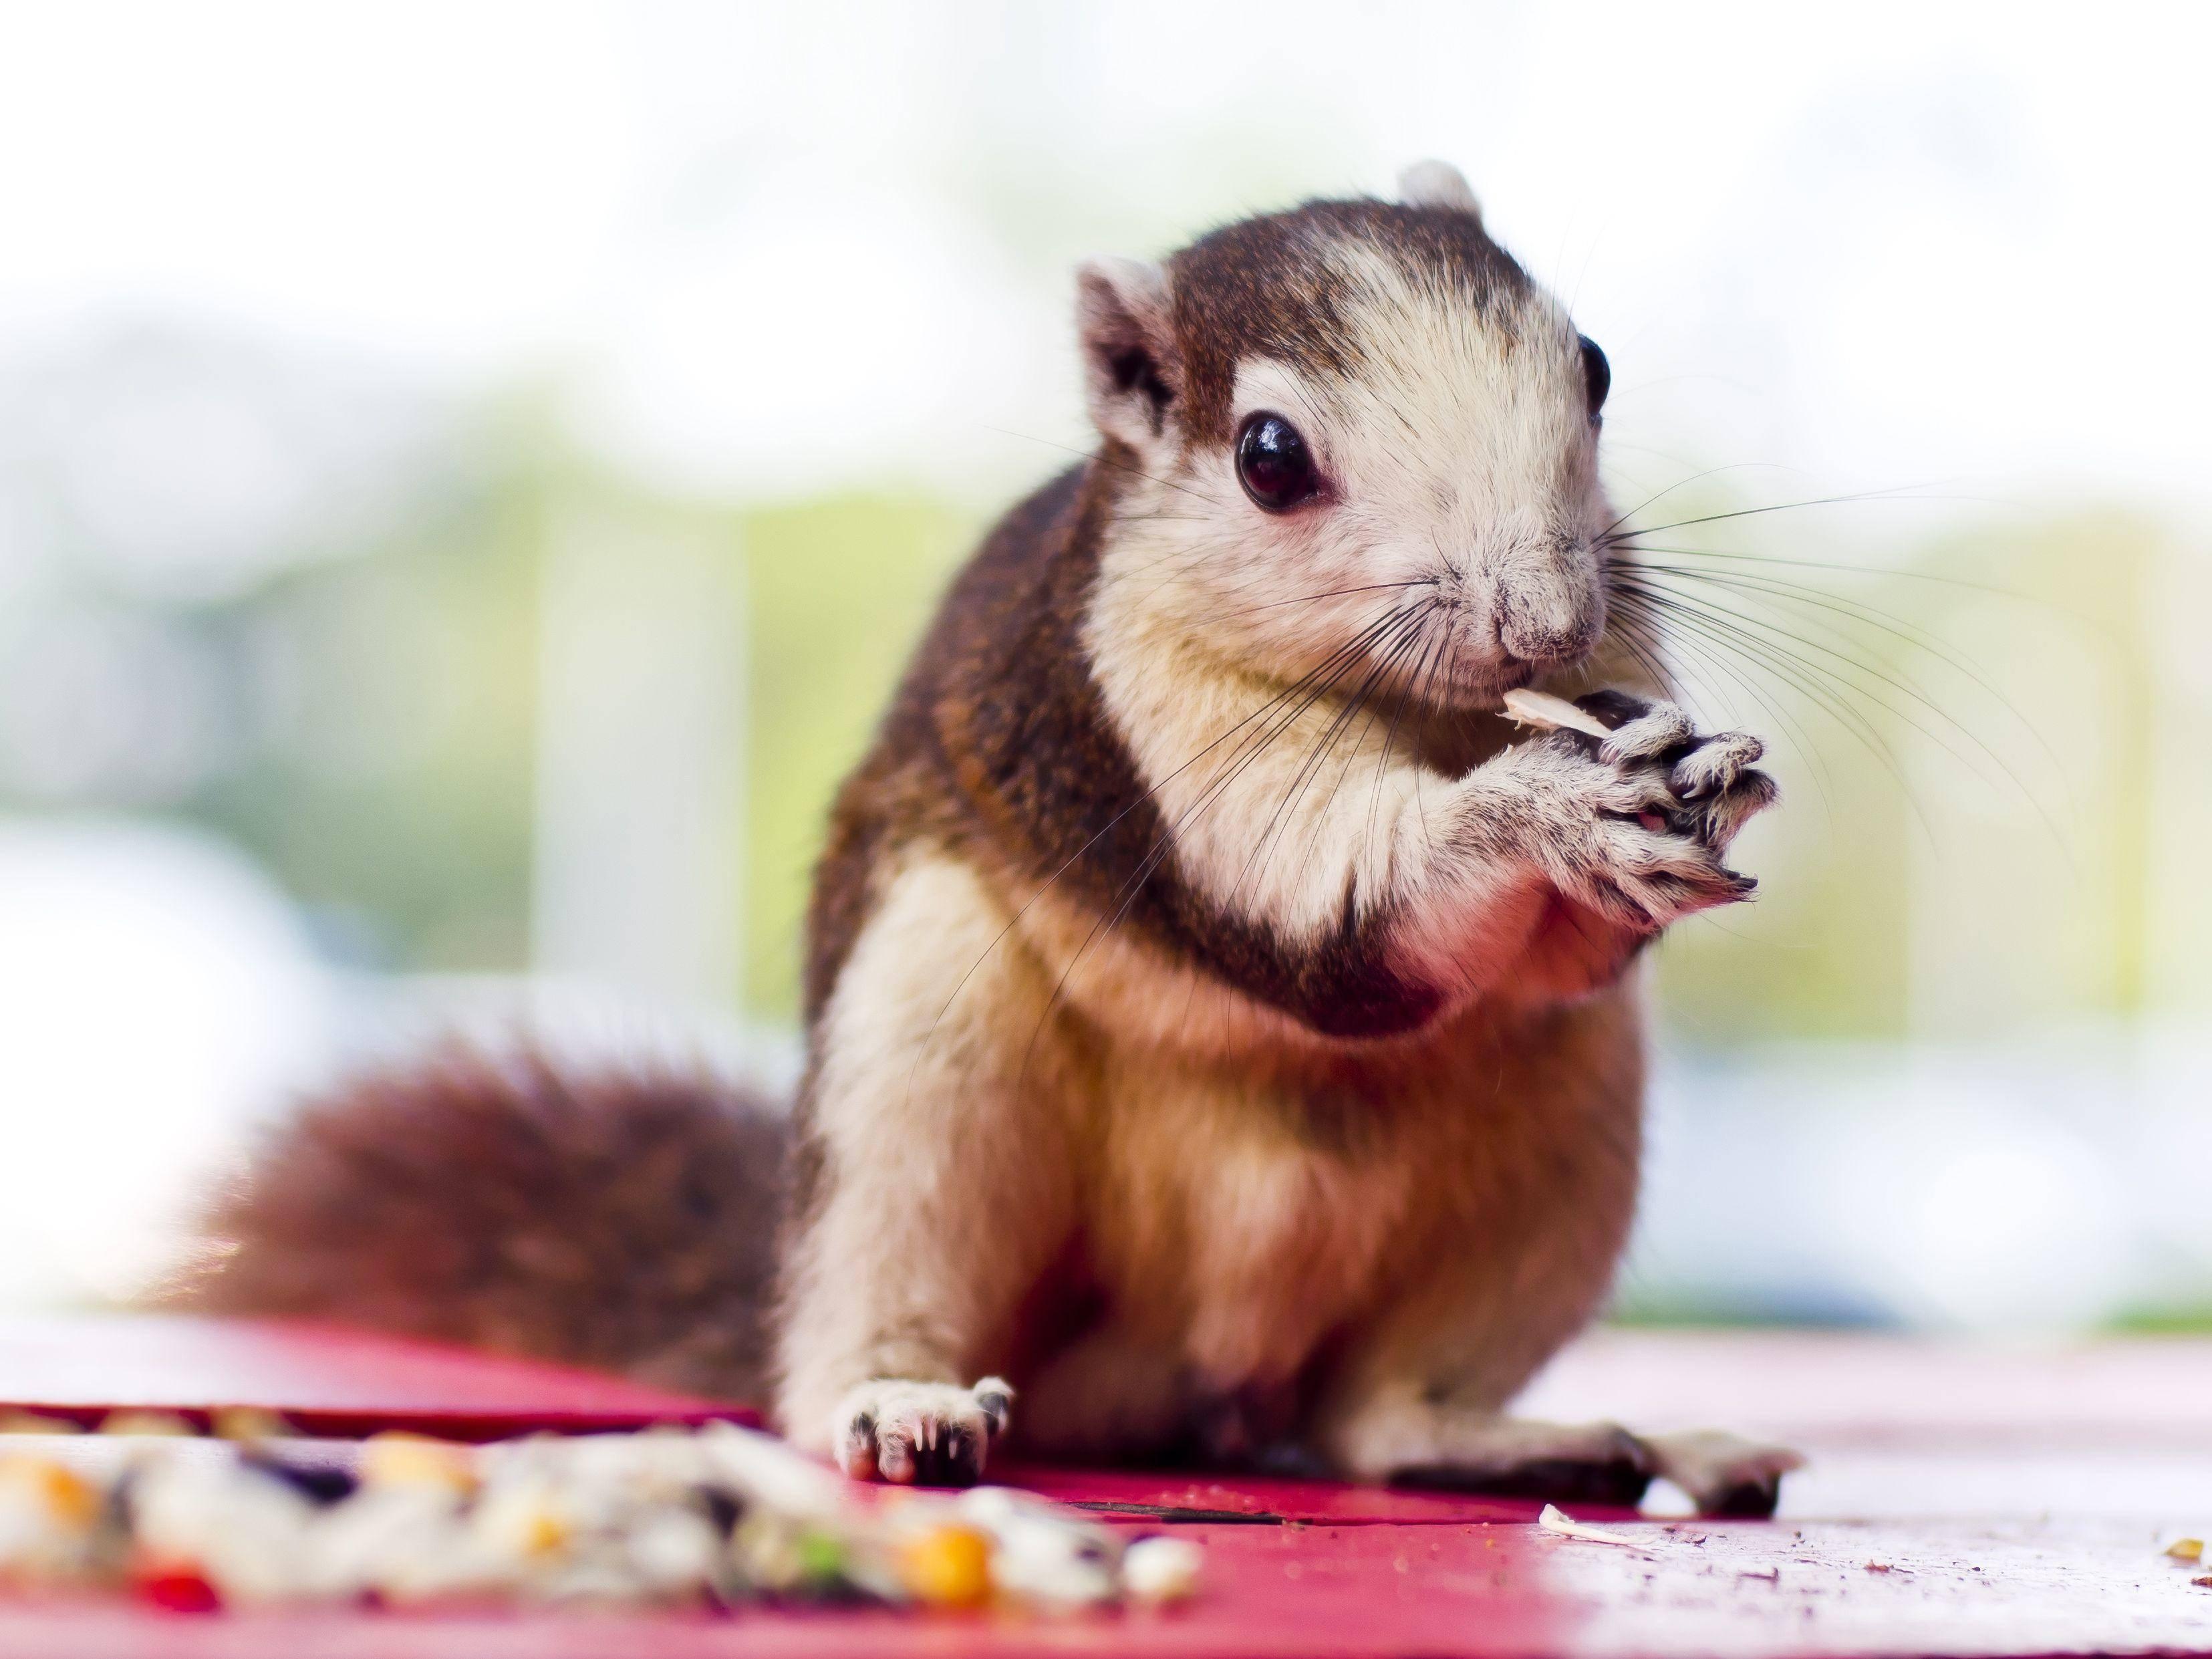 Alles meins! Hörnchen beim Picknick — Bild: Shutterstock / Mrs_ya